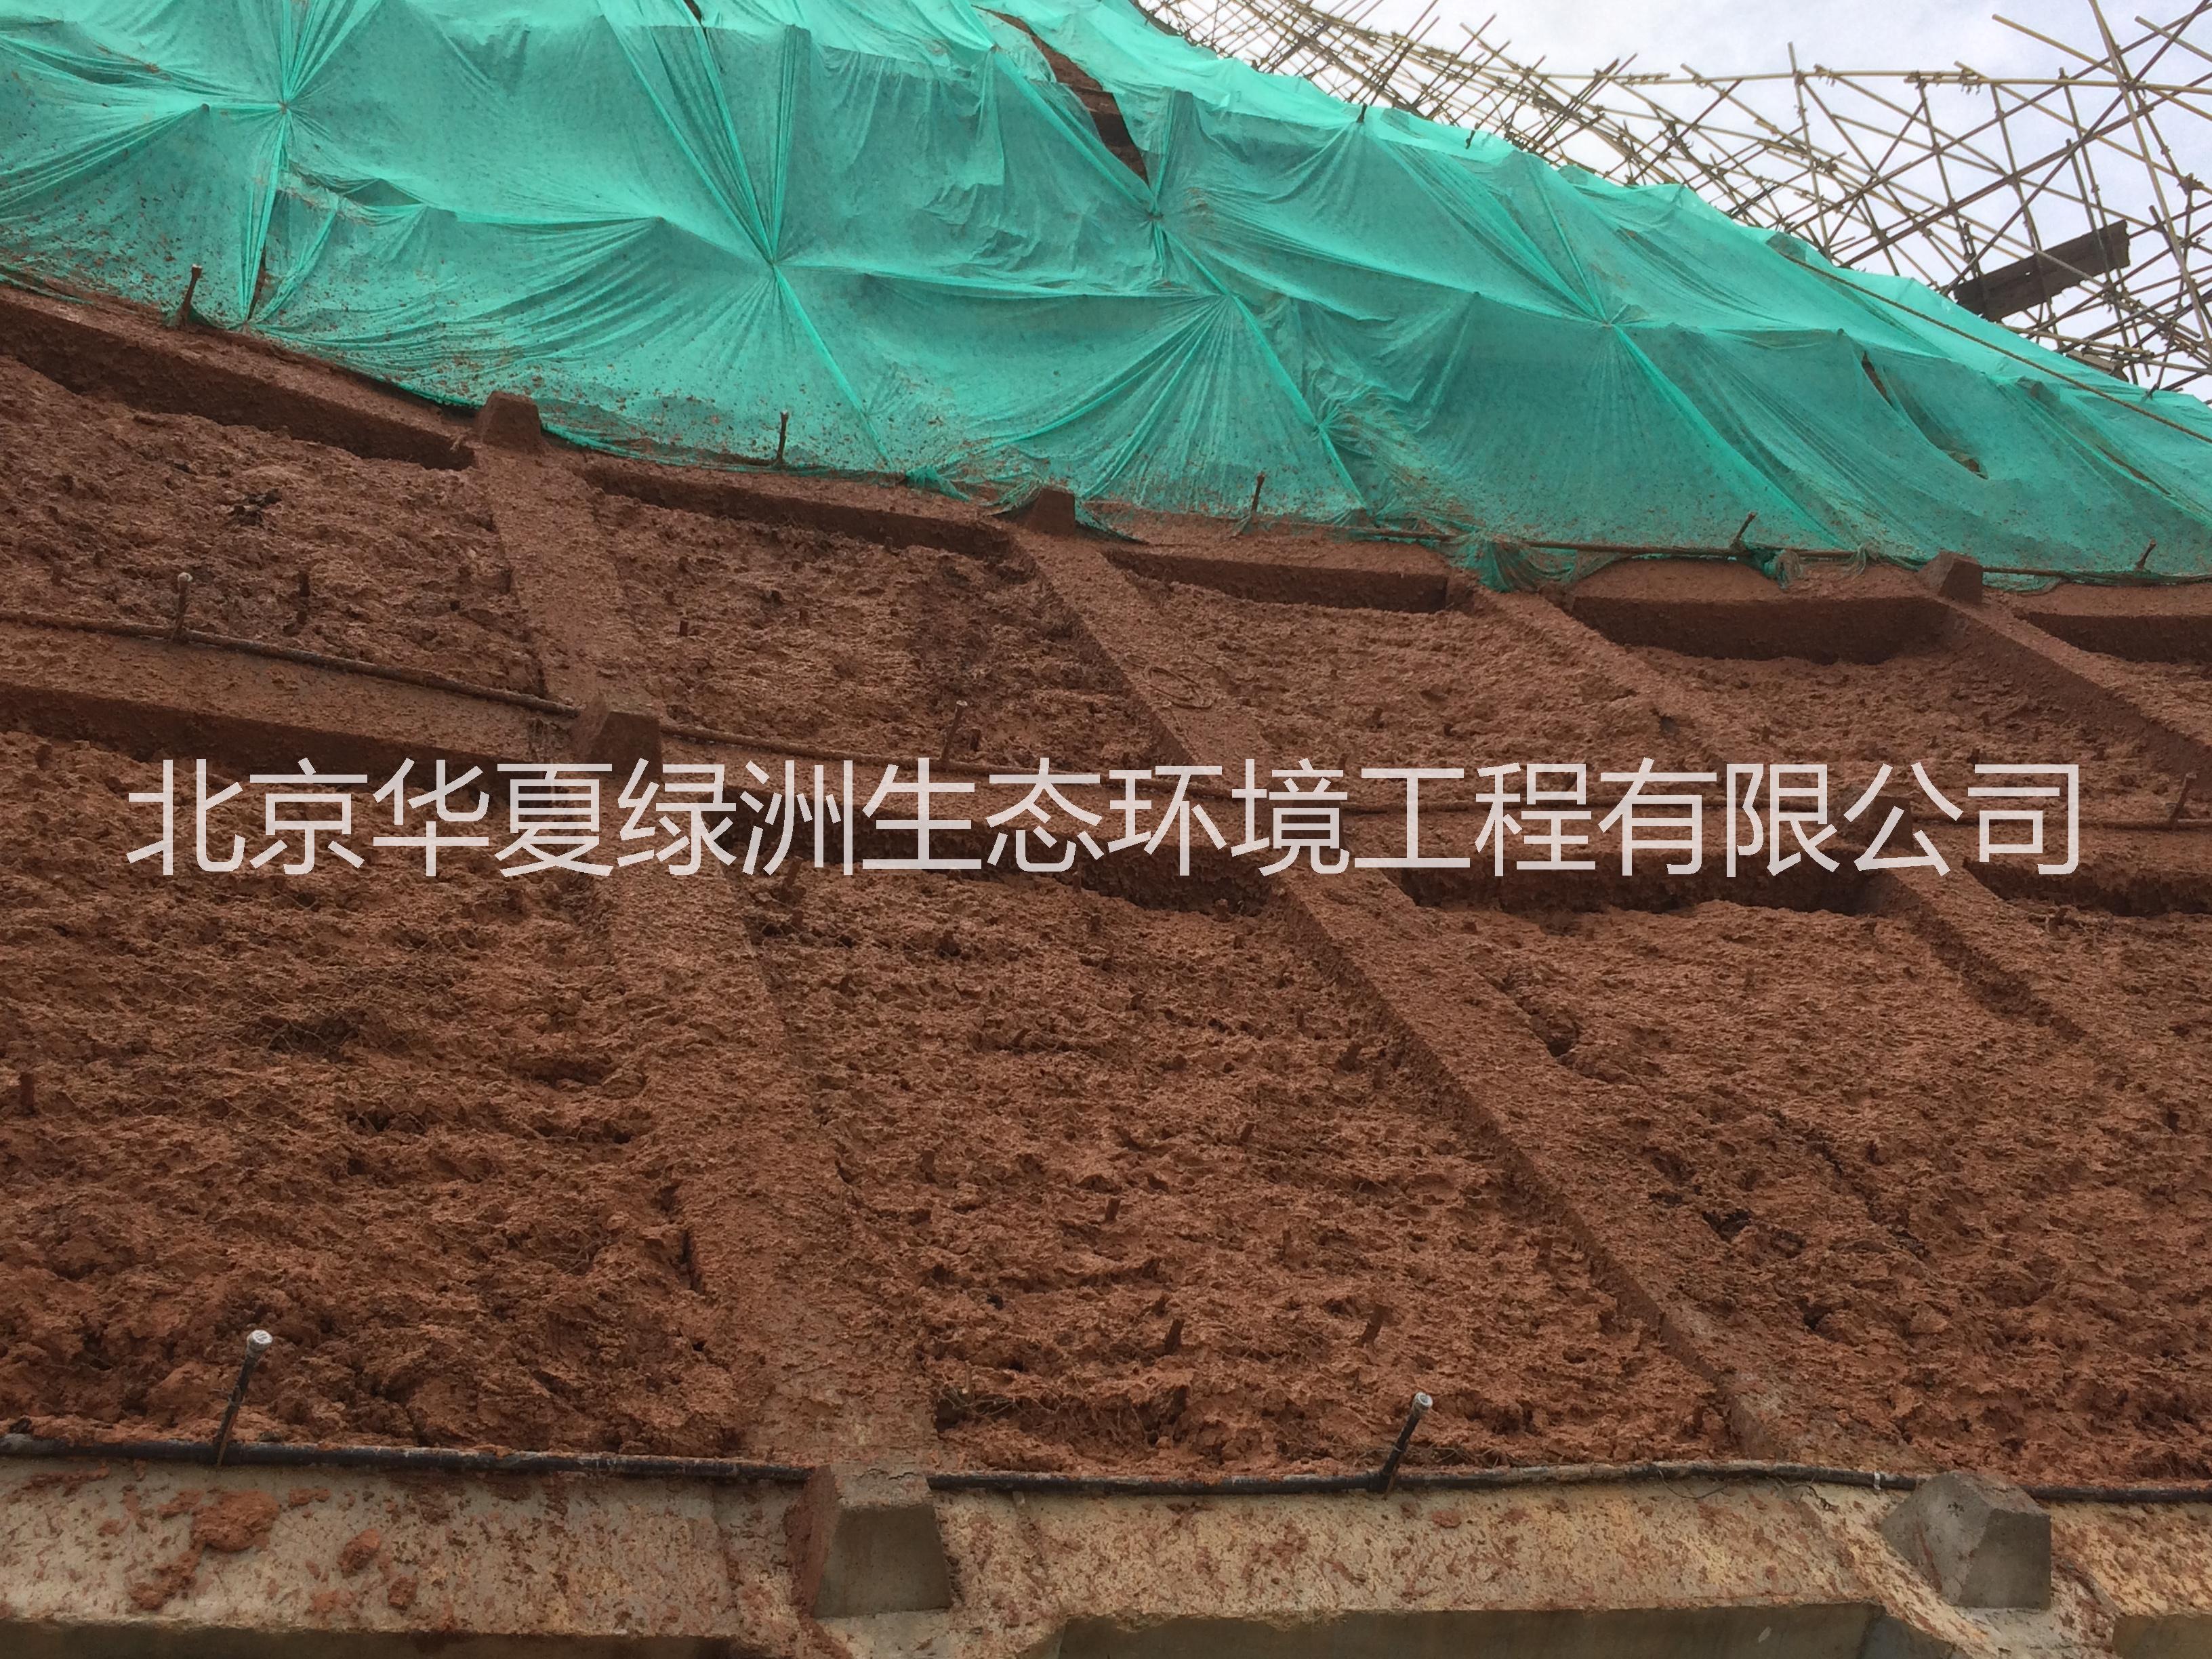 北京喷播绿化技术 生态混凝土绿化护坡生态砼护坡厚层基材、锚索框架梁、生态袋护坡 生态袋、喷播植草 地产开挖边坡